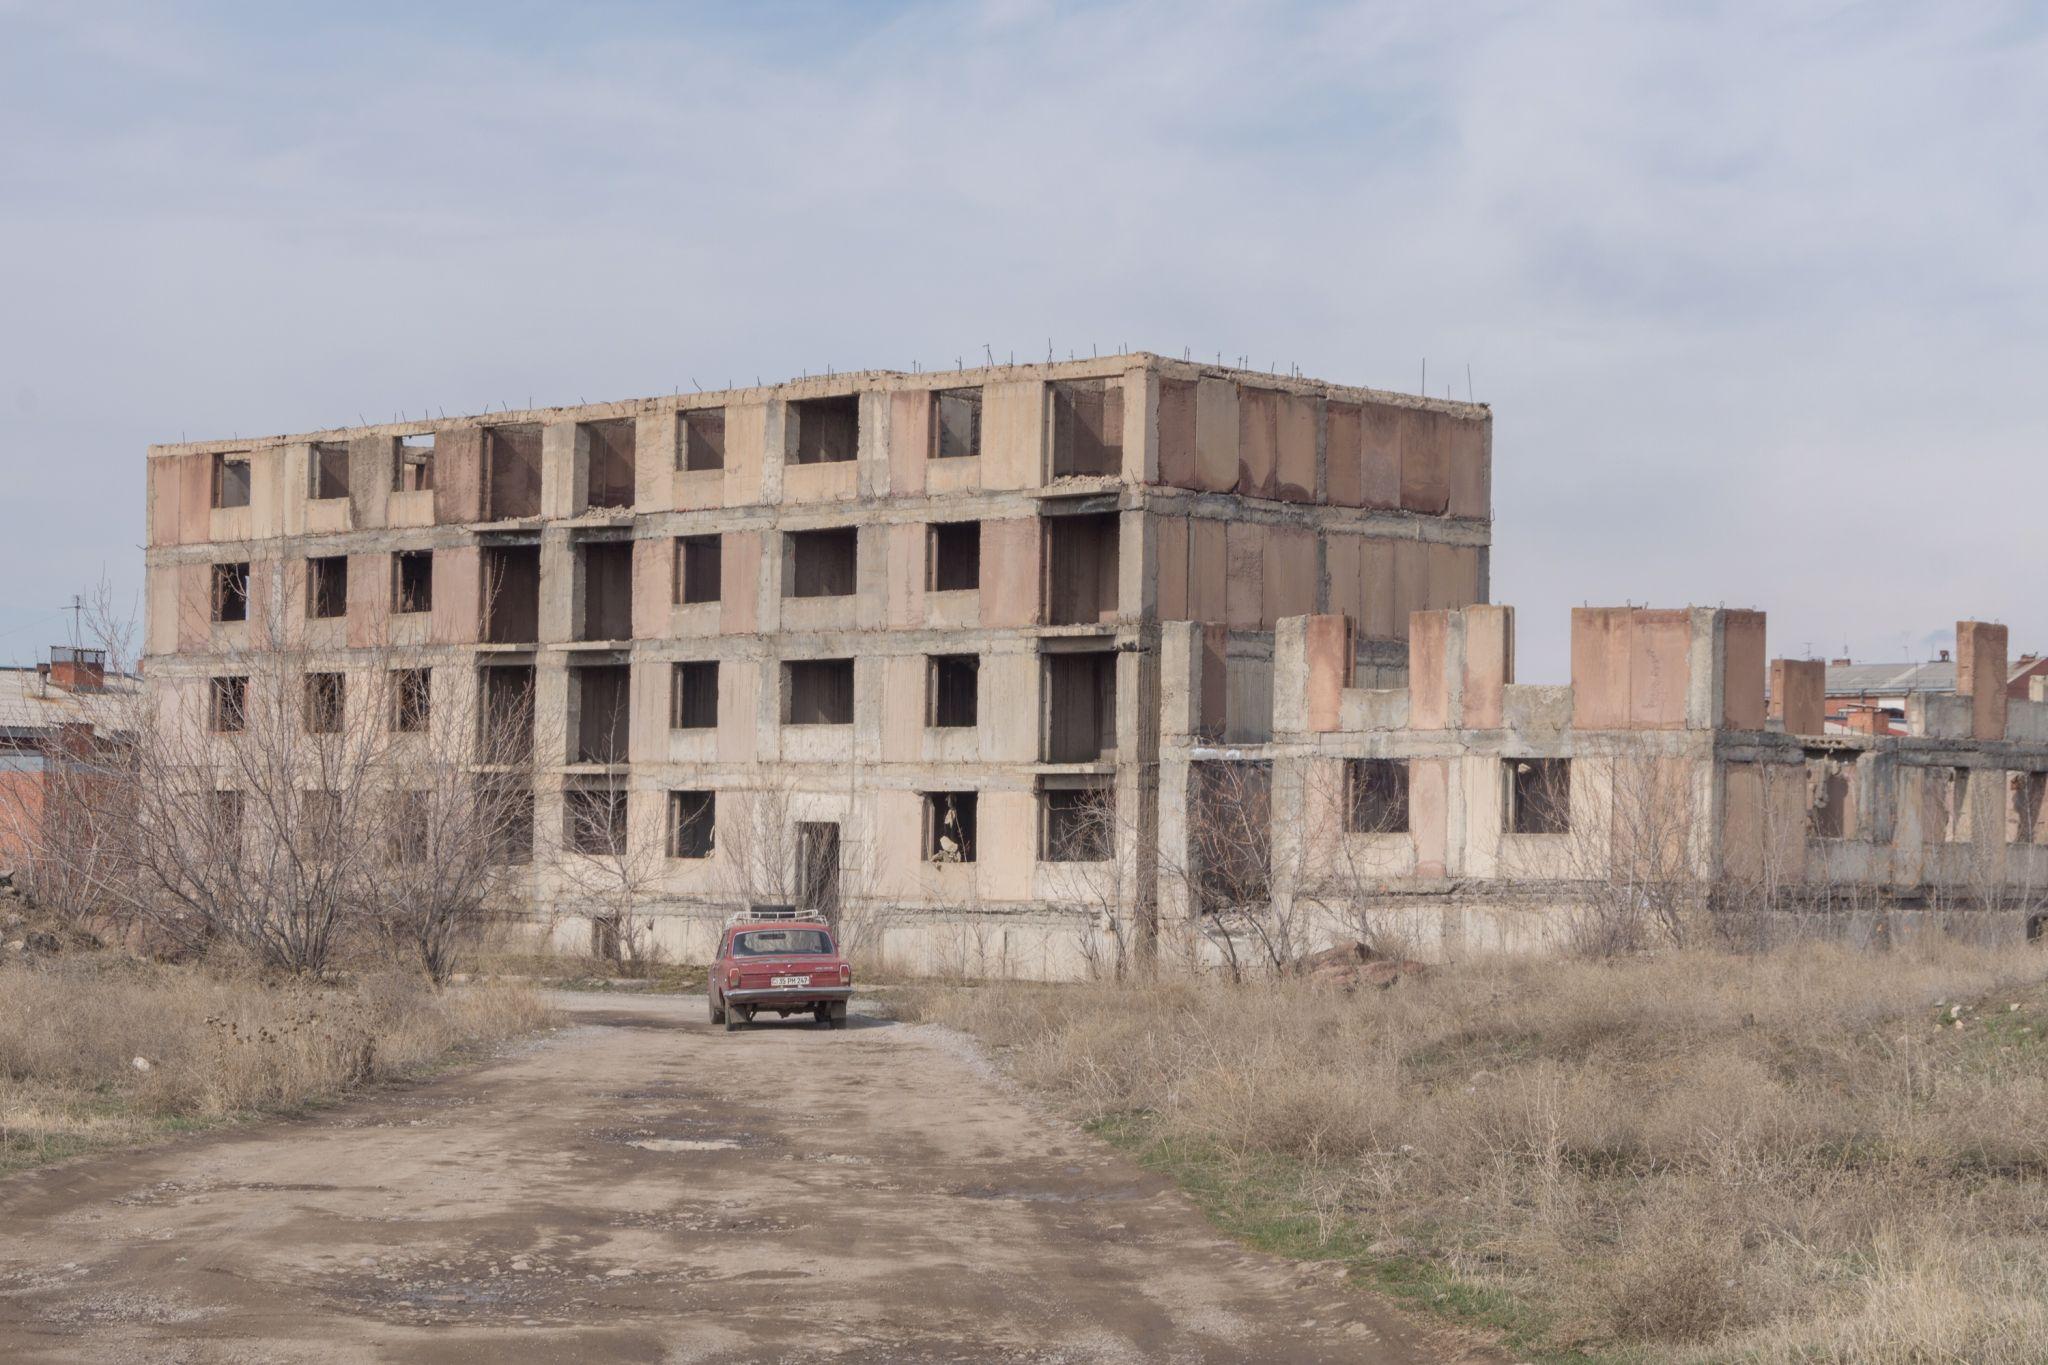 On the way home in Sheram II, Armenia